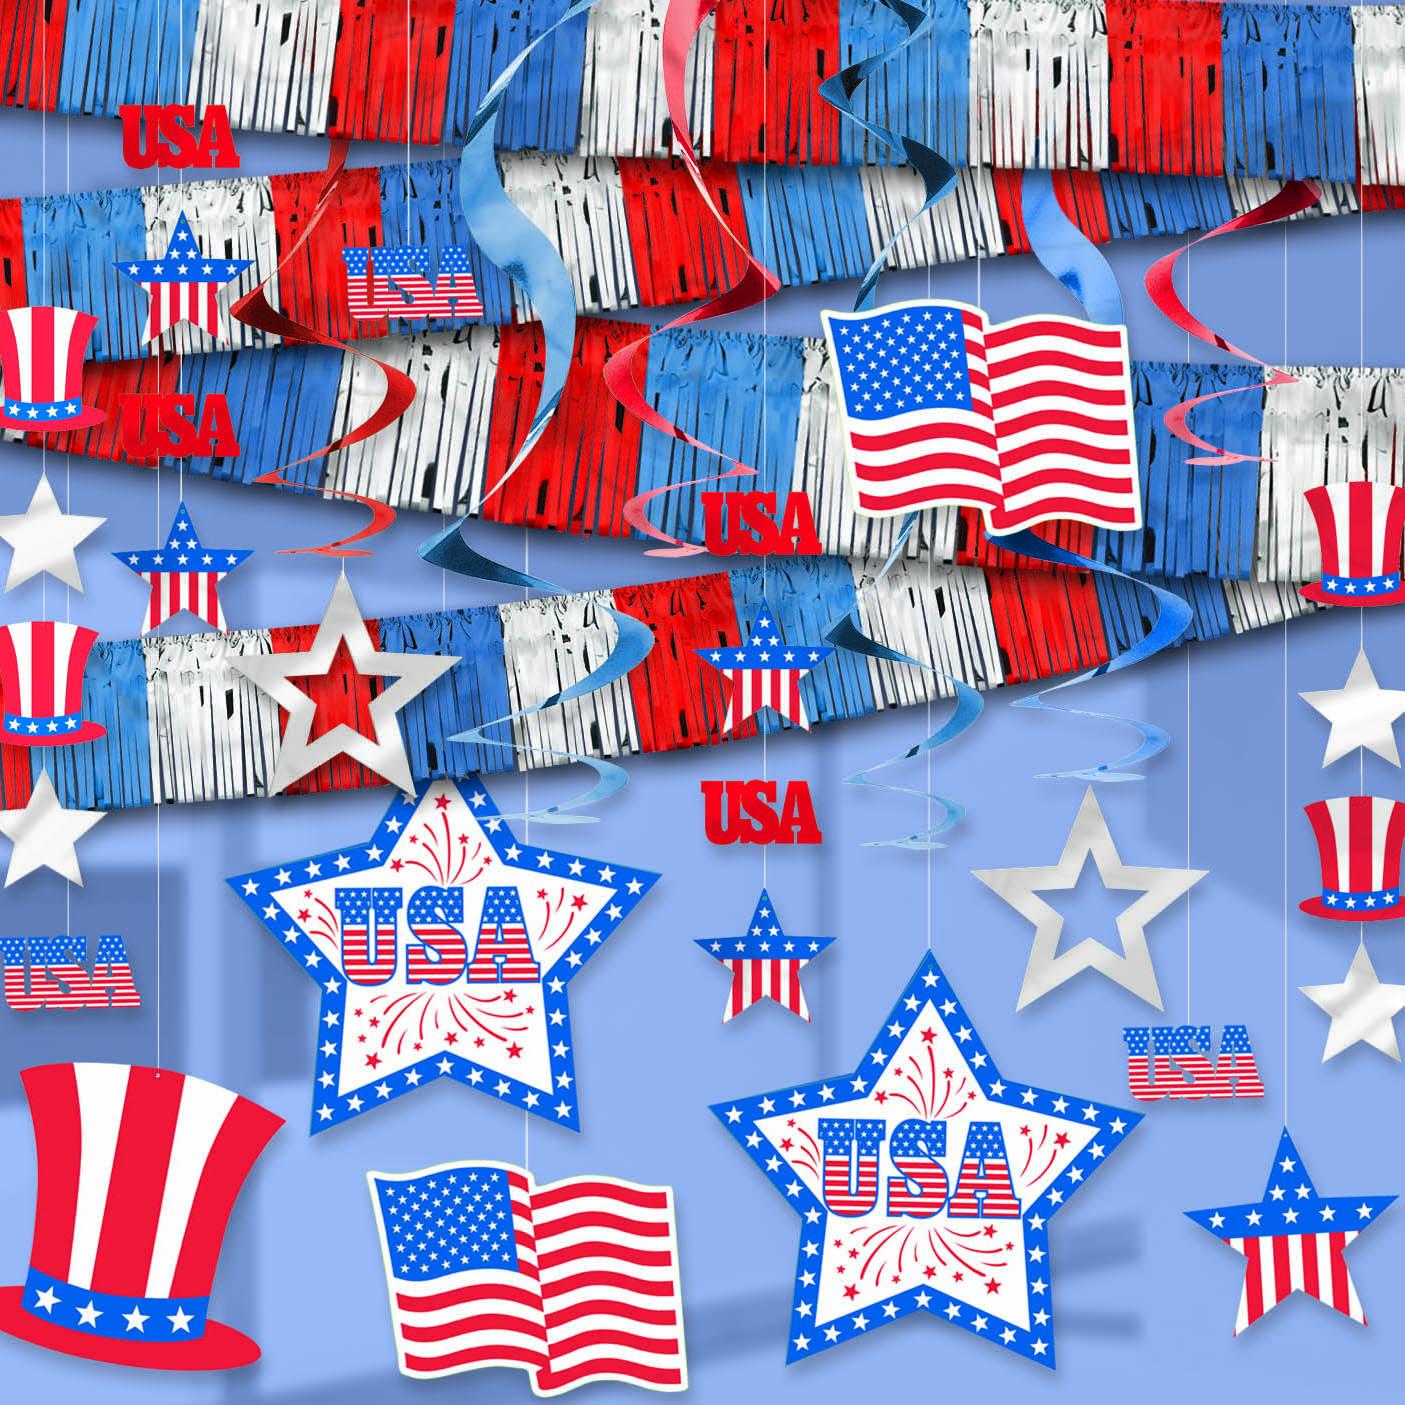 Patriotic Decorations Part - 49: ... Patriotic Decorations To FLGPDEC1000009162_-00_patriotic-room-decorating -kit